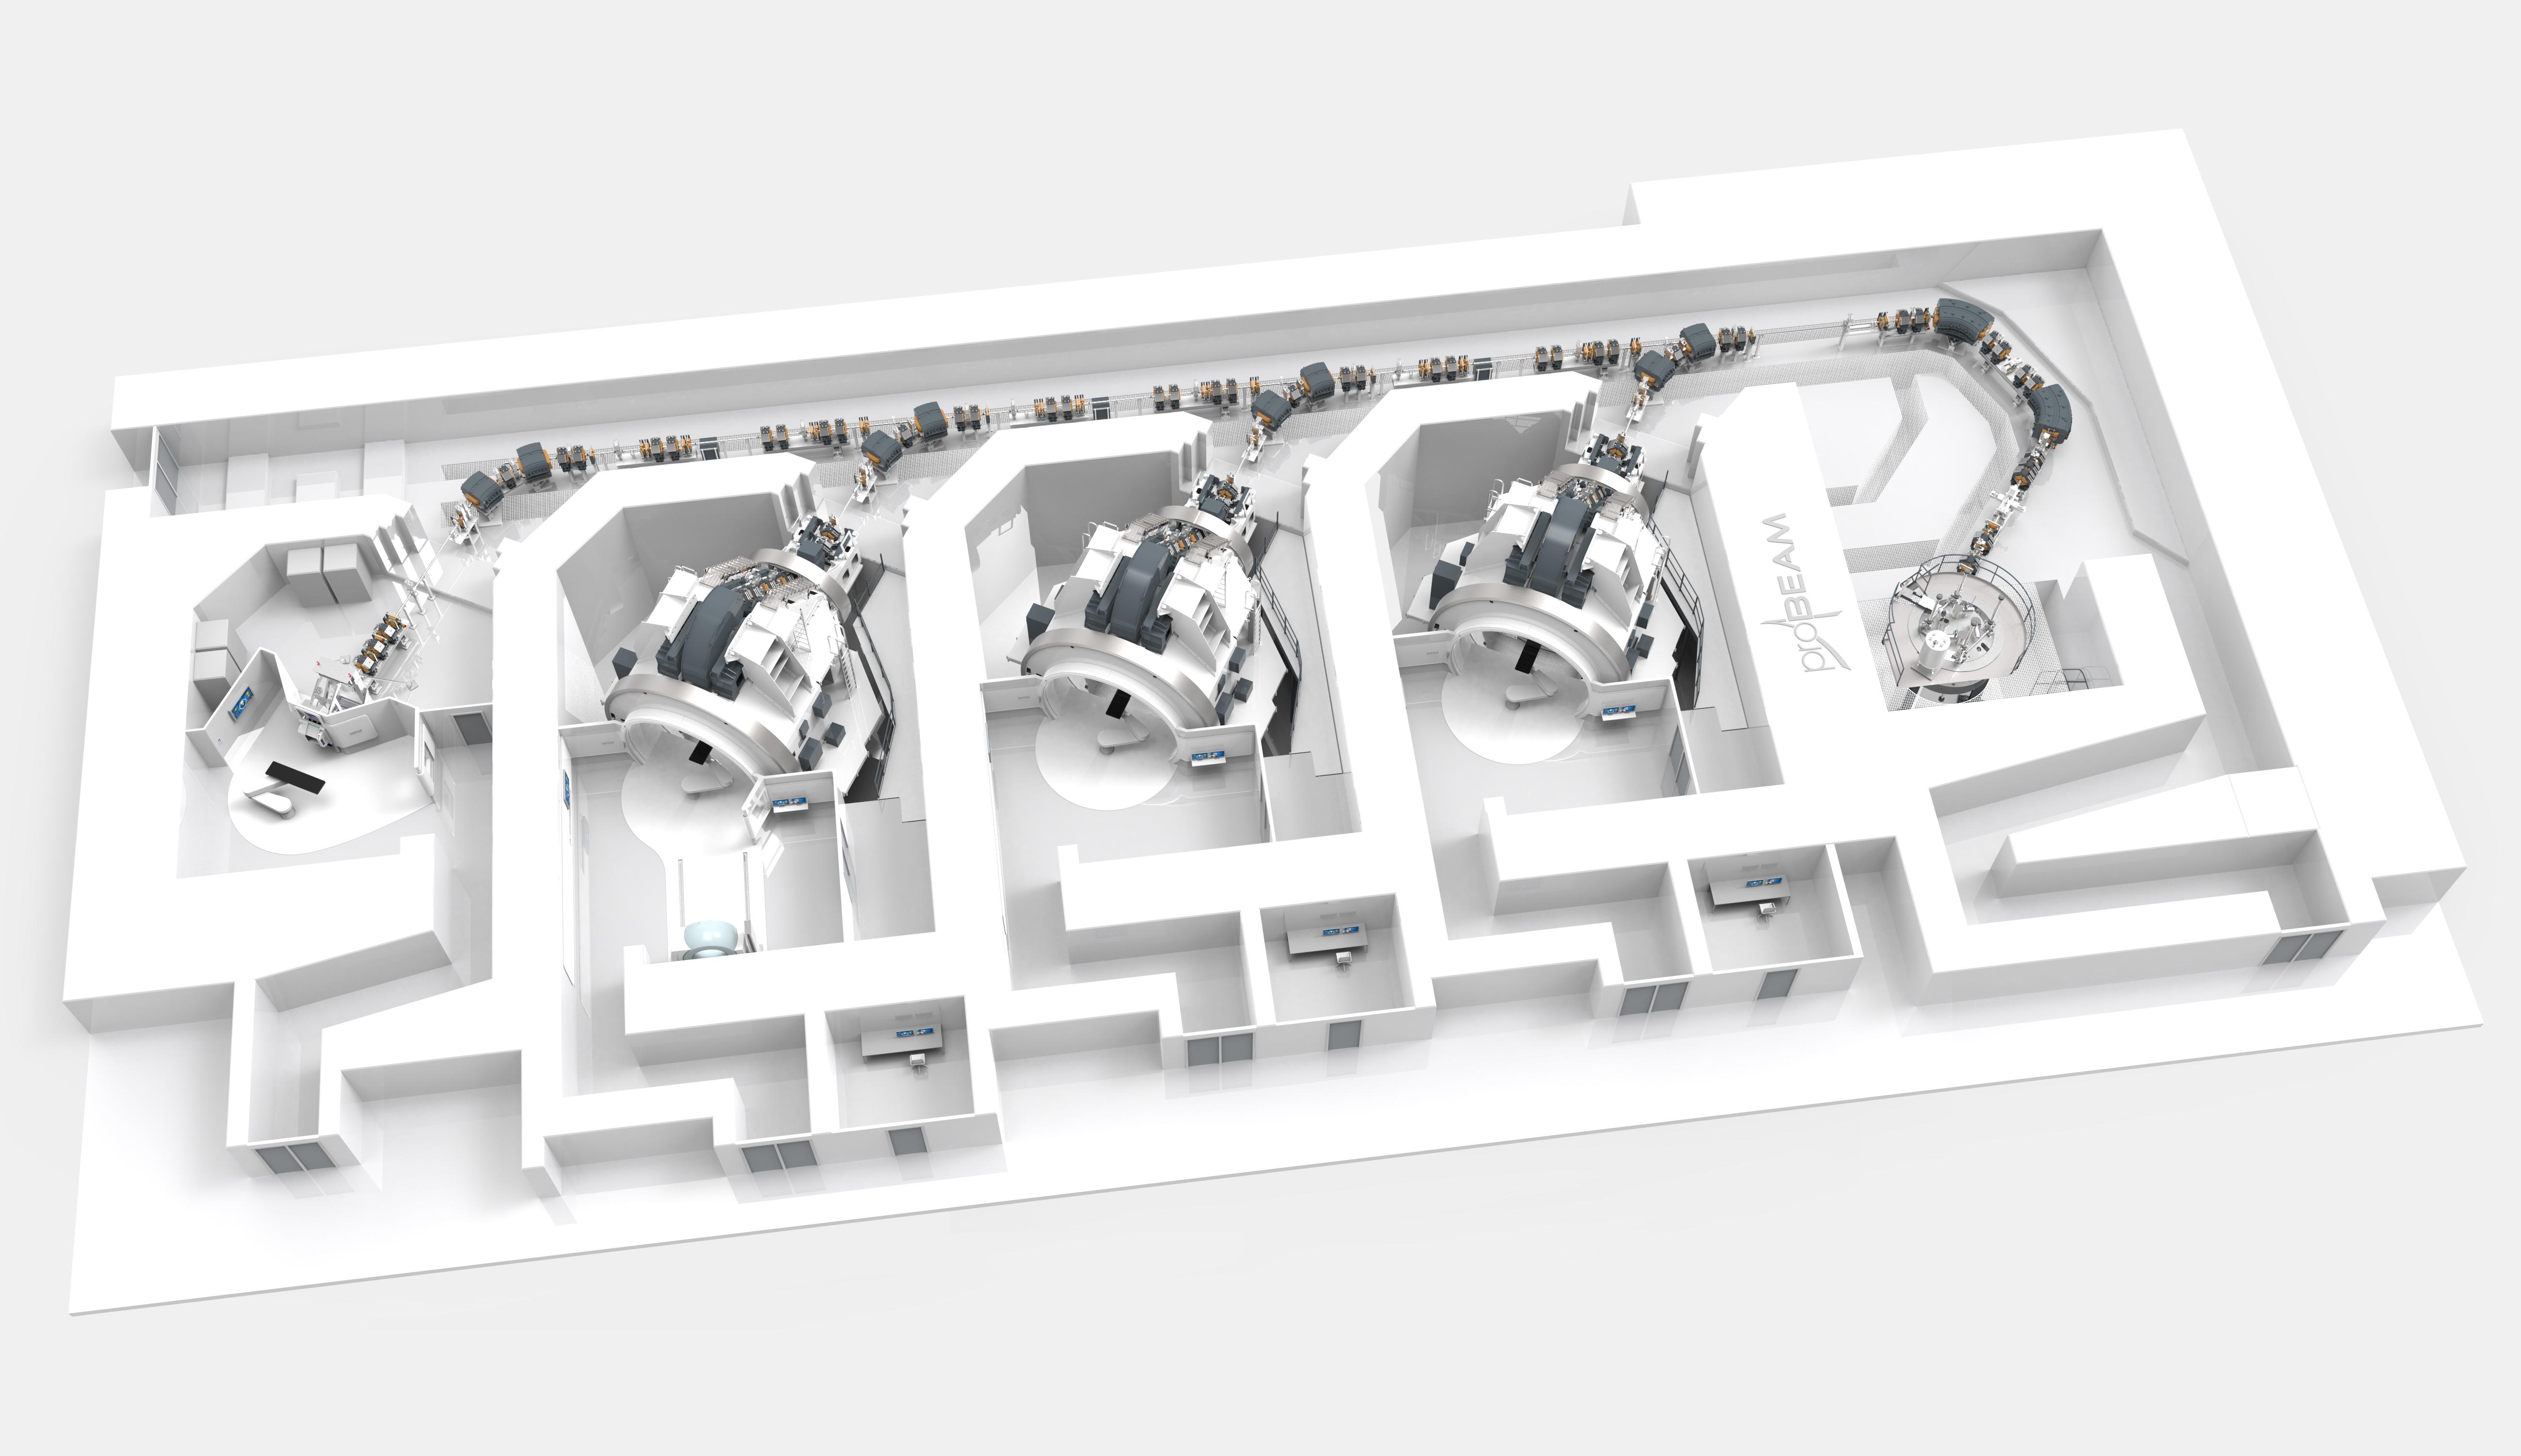 Partikelterapi er en ny og skånsom form for strålebehandling af kræft der nu introduceres i Danmark: i 2018 indvies en proton-kanon-facilitet ved Aarhus Universitetshospital i Skejby ved Aarhus. Til højre på tegningen, i sin velafskærmede betonhule, ses den superledende cirkulære maskine som accelererer protonerne, cyklotronen. Man kan følge protonernes vej gennem strålerør. I de tre midterste rum placeres patienterne i et robotstyret patientleje. Helt til venstre ses et eksperimentelt rum til forskning.